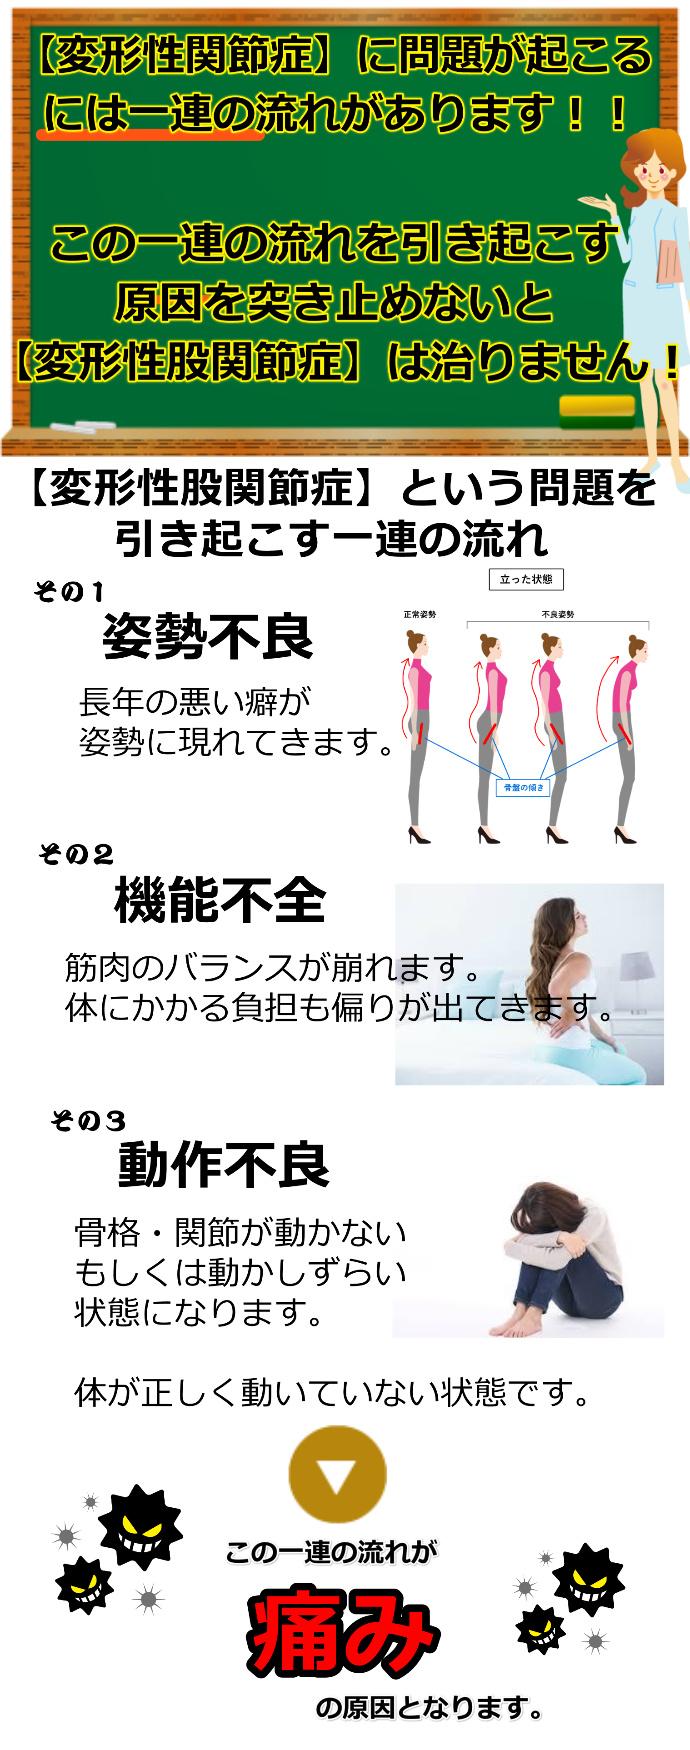 産後腰痛の流れ